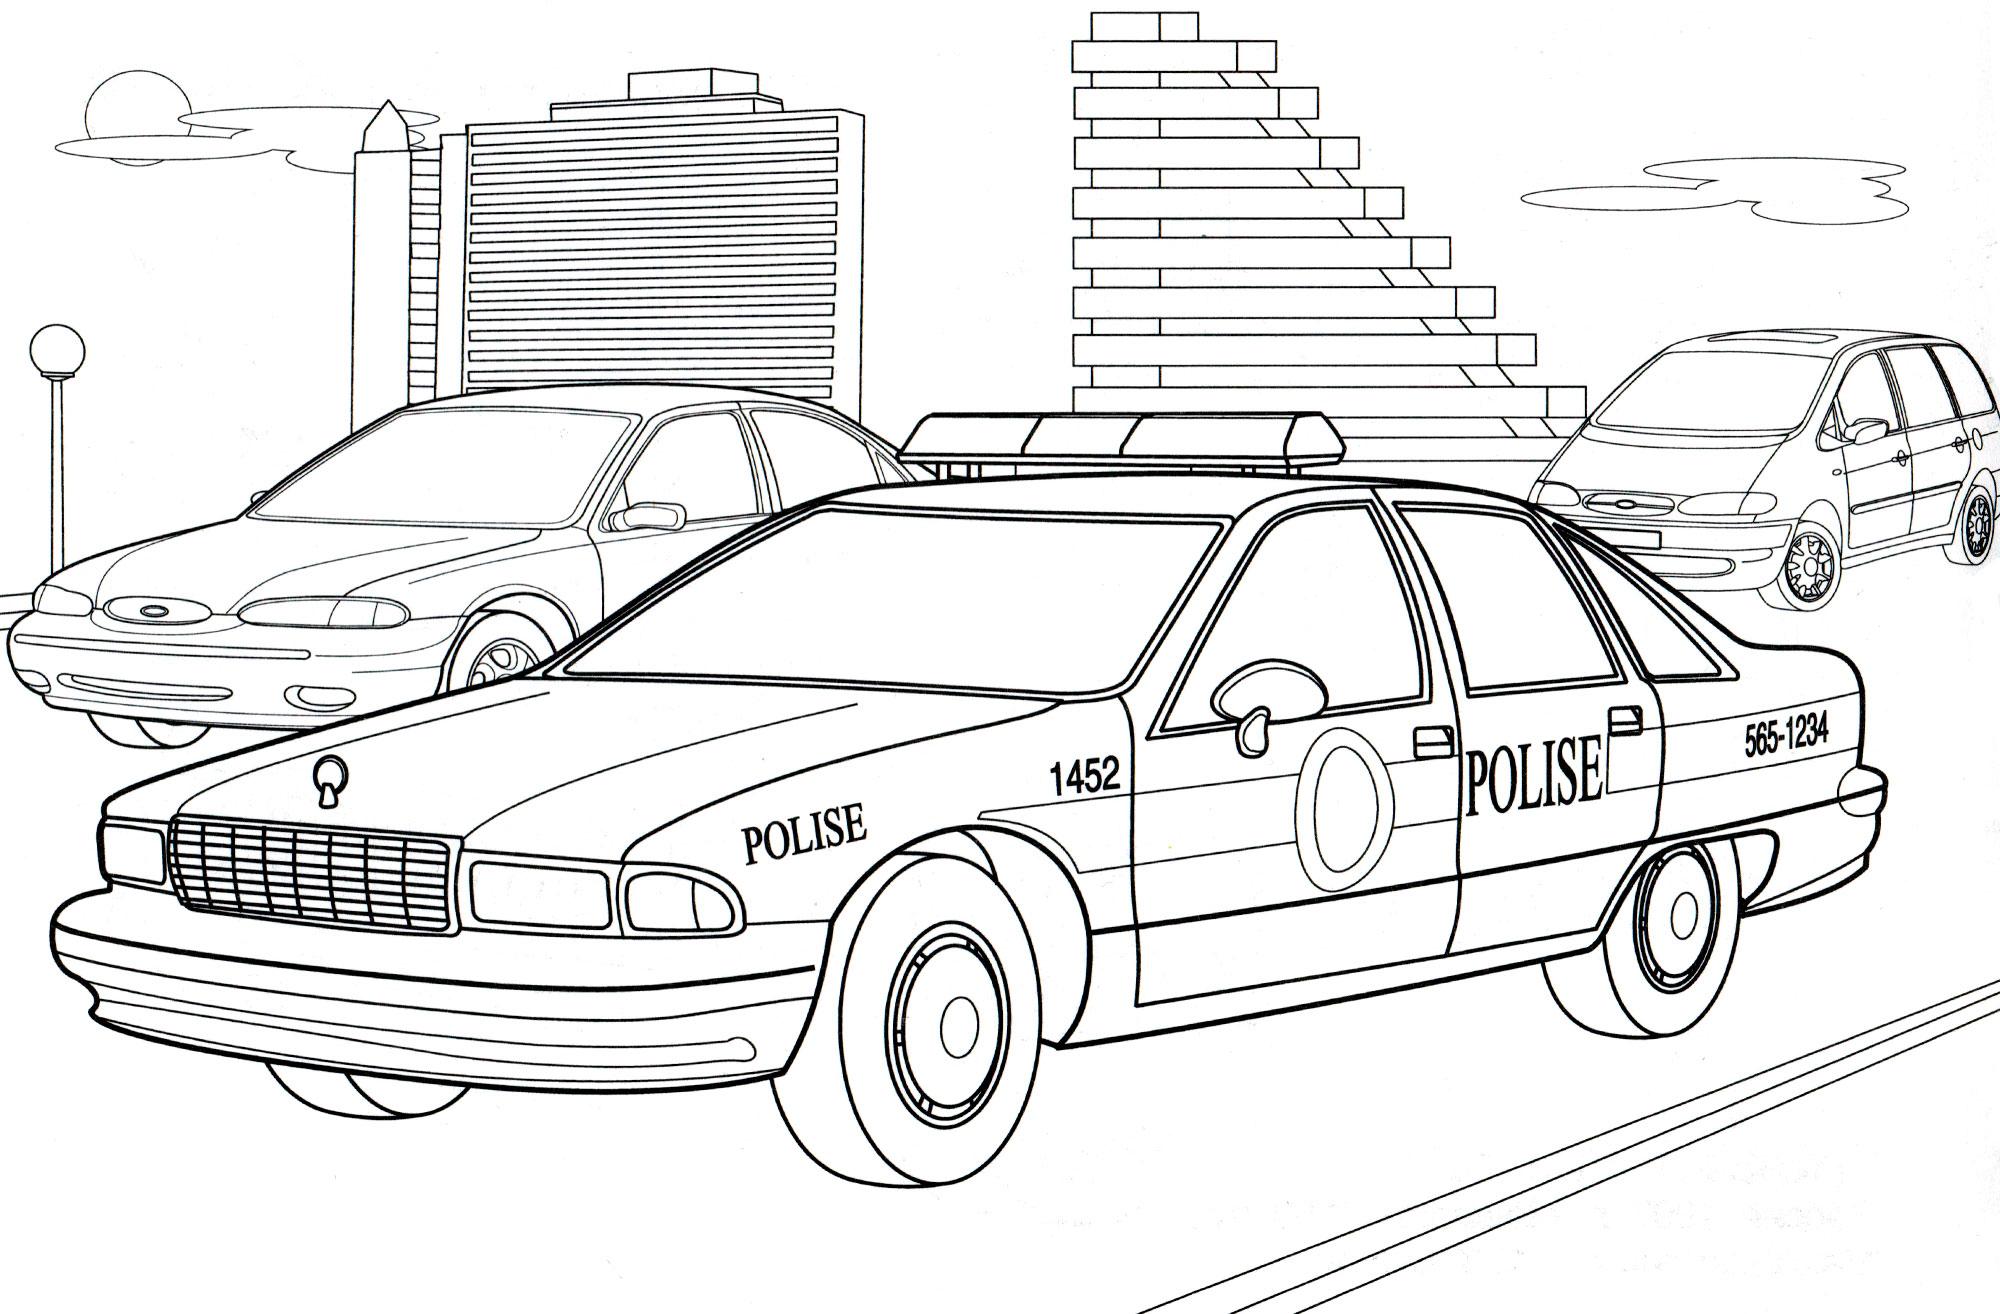 Раскраска Полицейская машина США - распечатать бесплатно